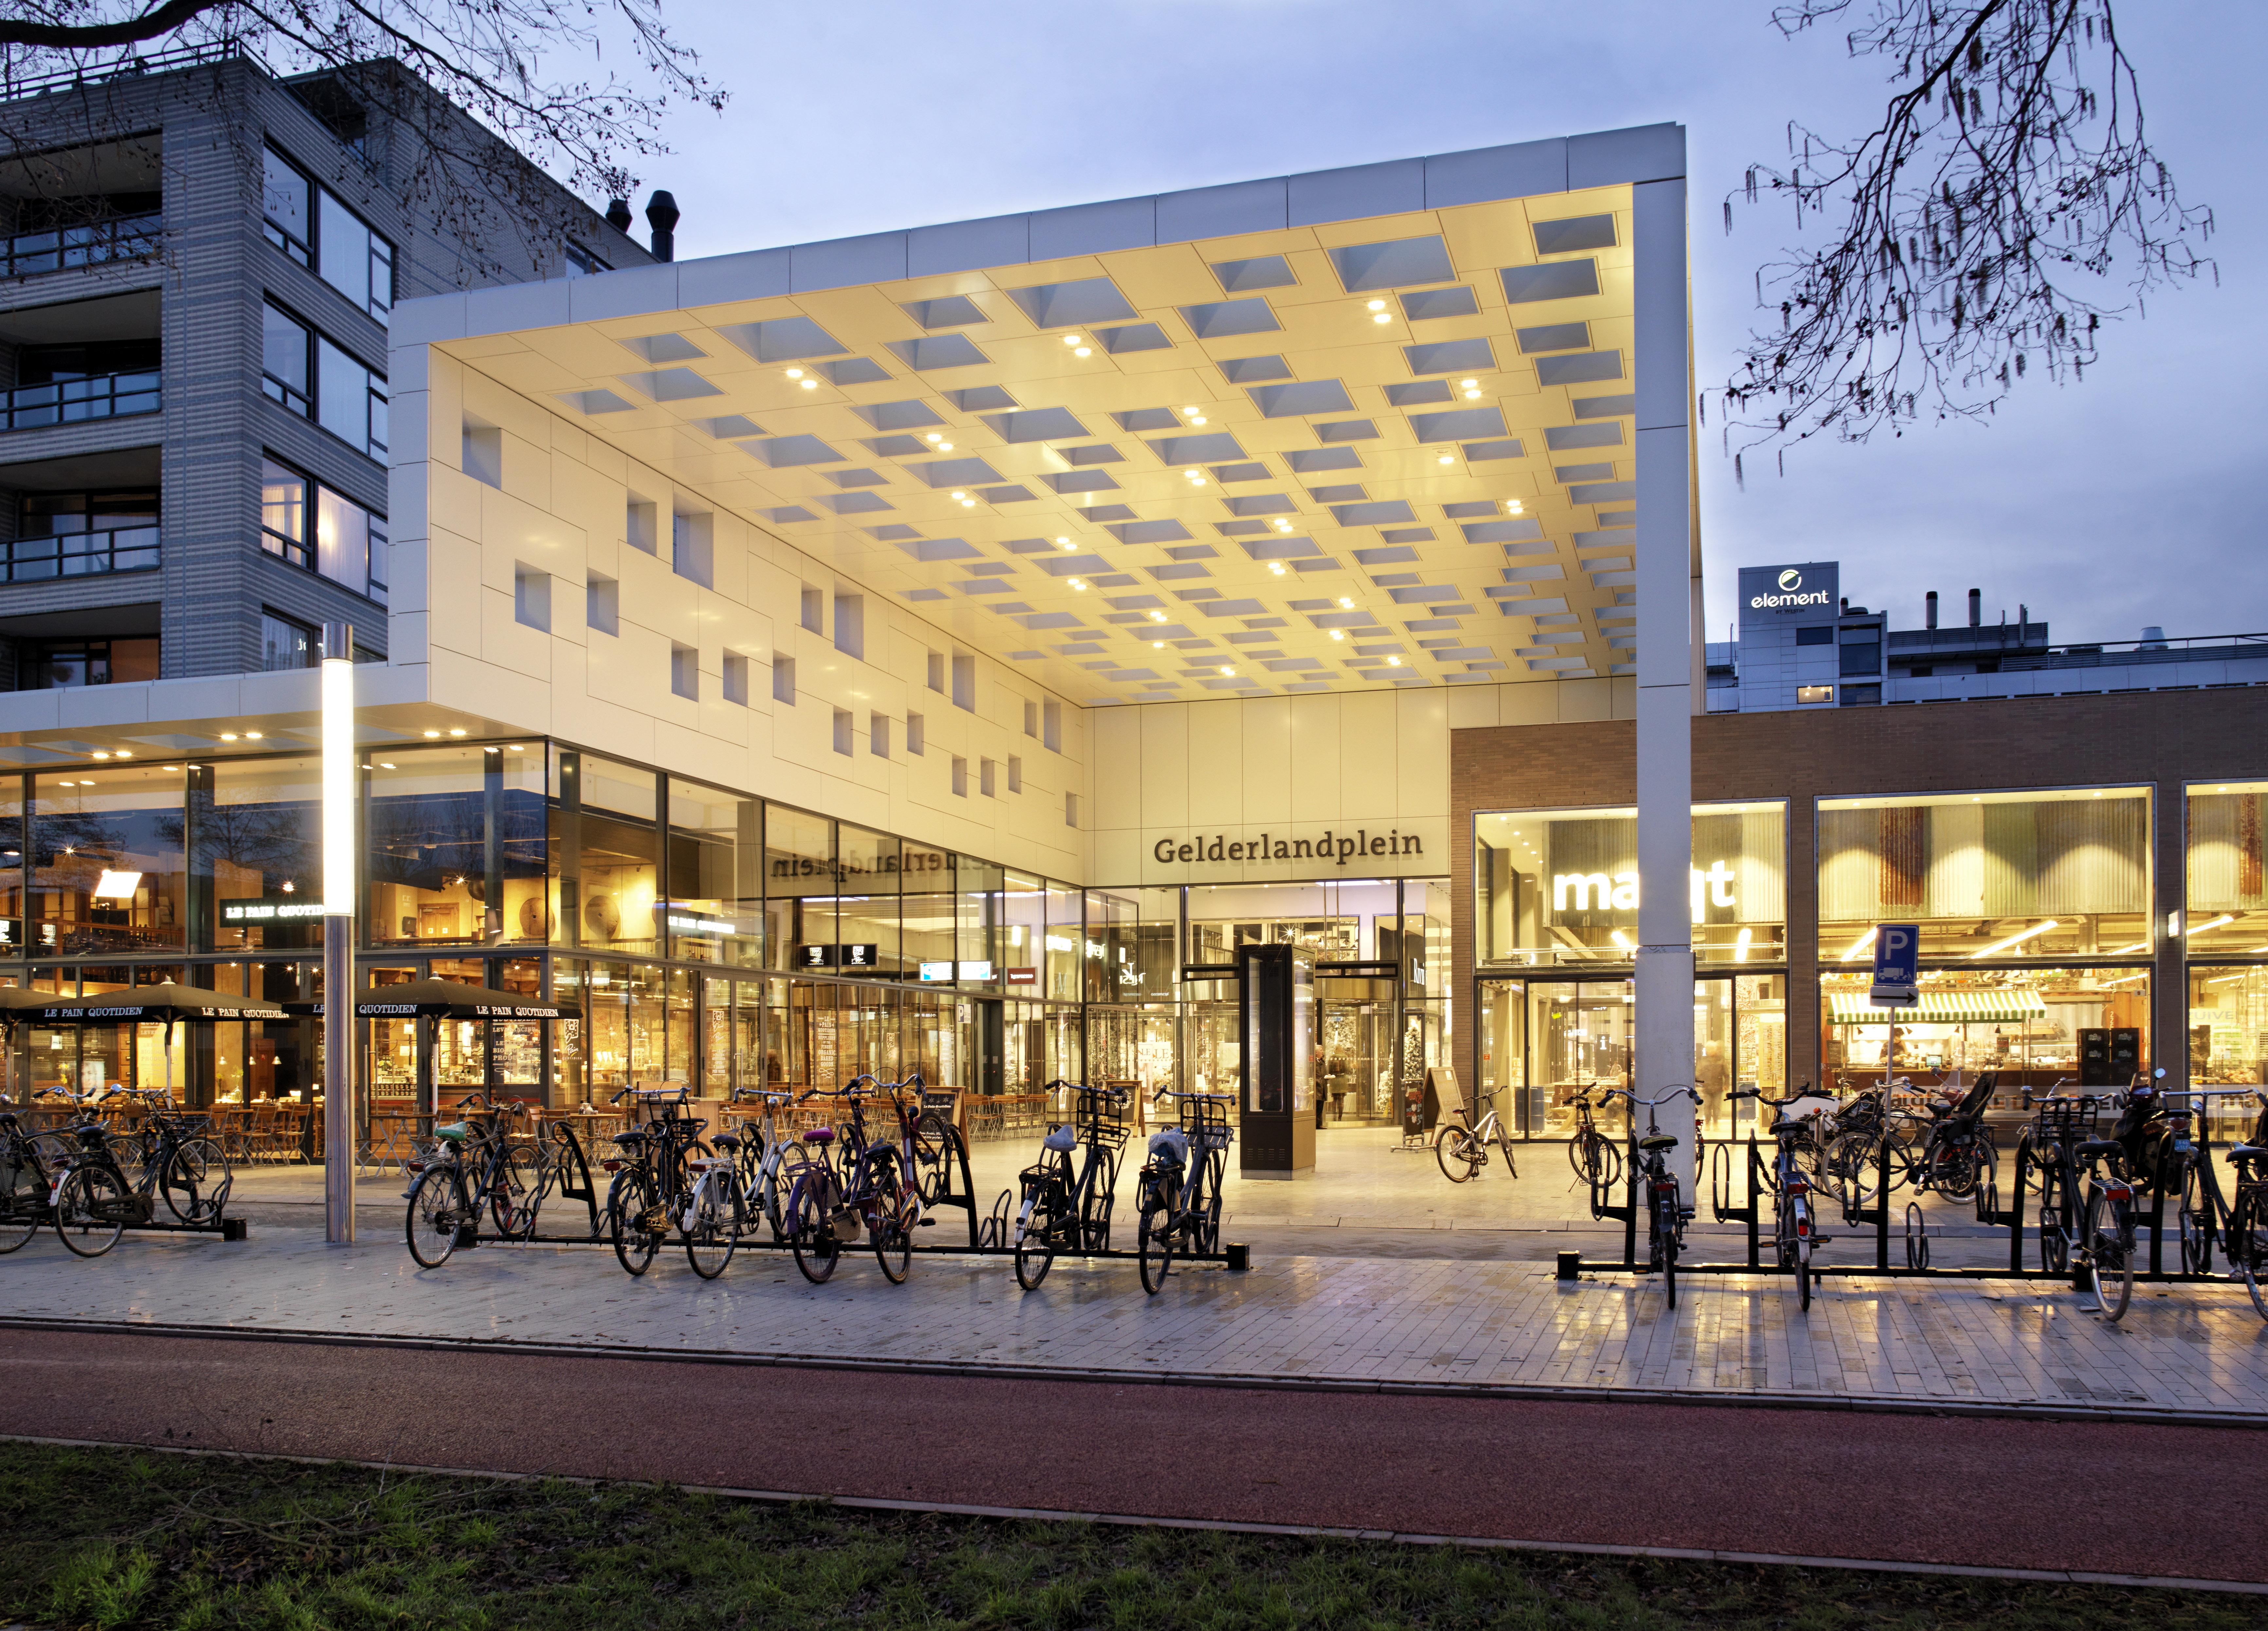 Winkelcentrum Gelderlandplein